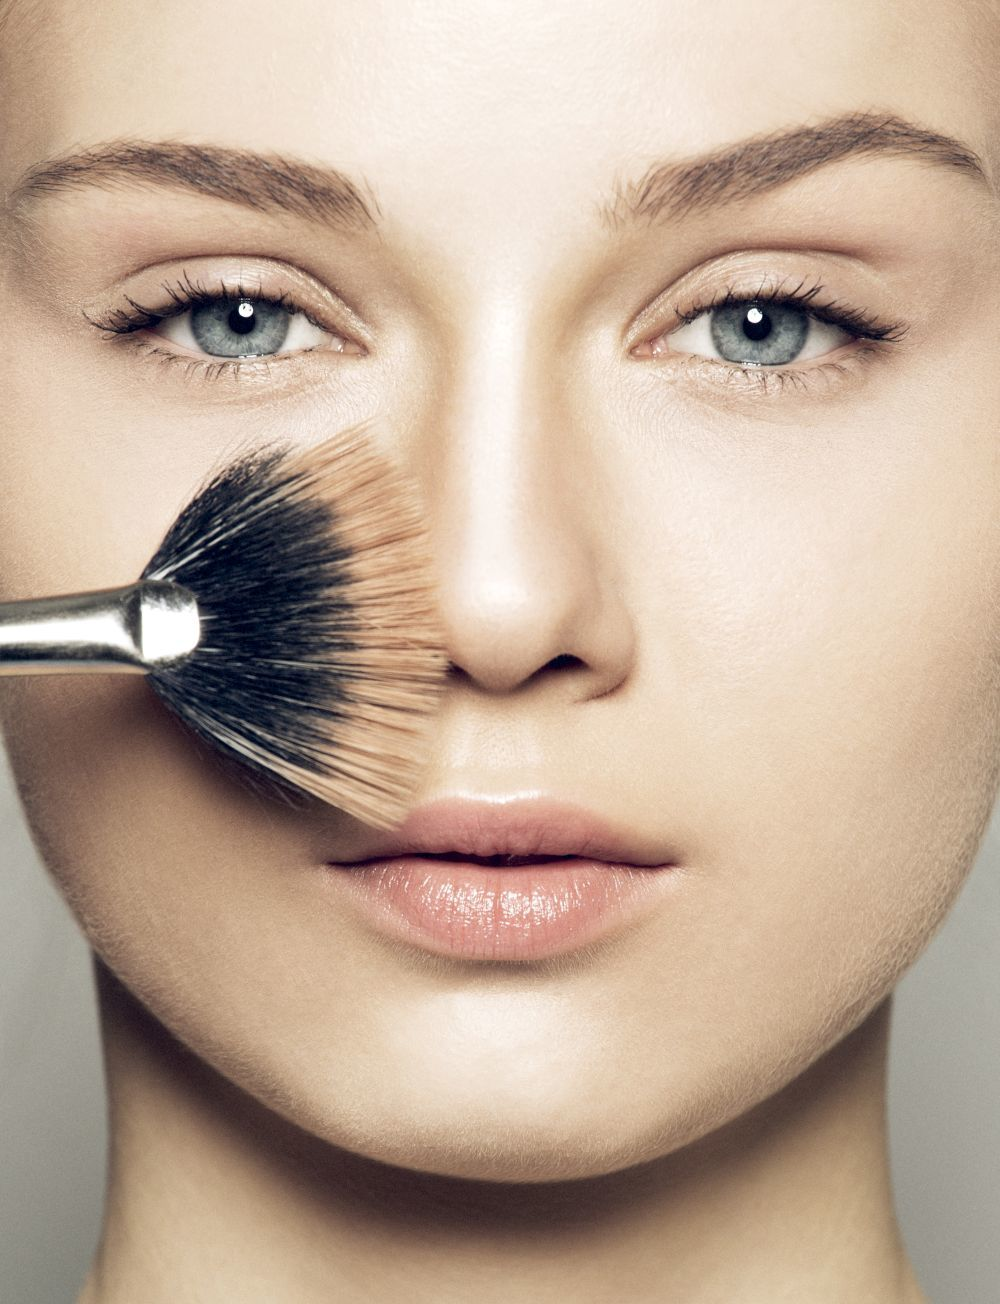 Además de un acabado más uniforme, con la brocha de base de maquillaje, darás un suave masaje en tu piel de efecto firmeza.